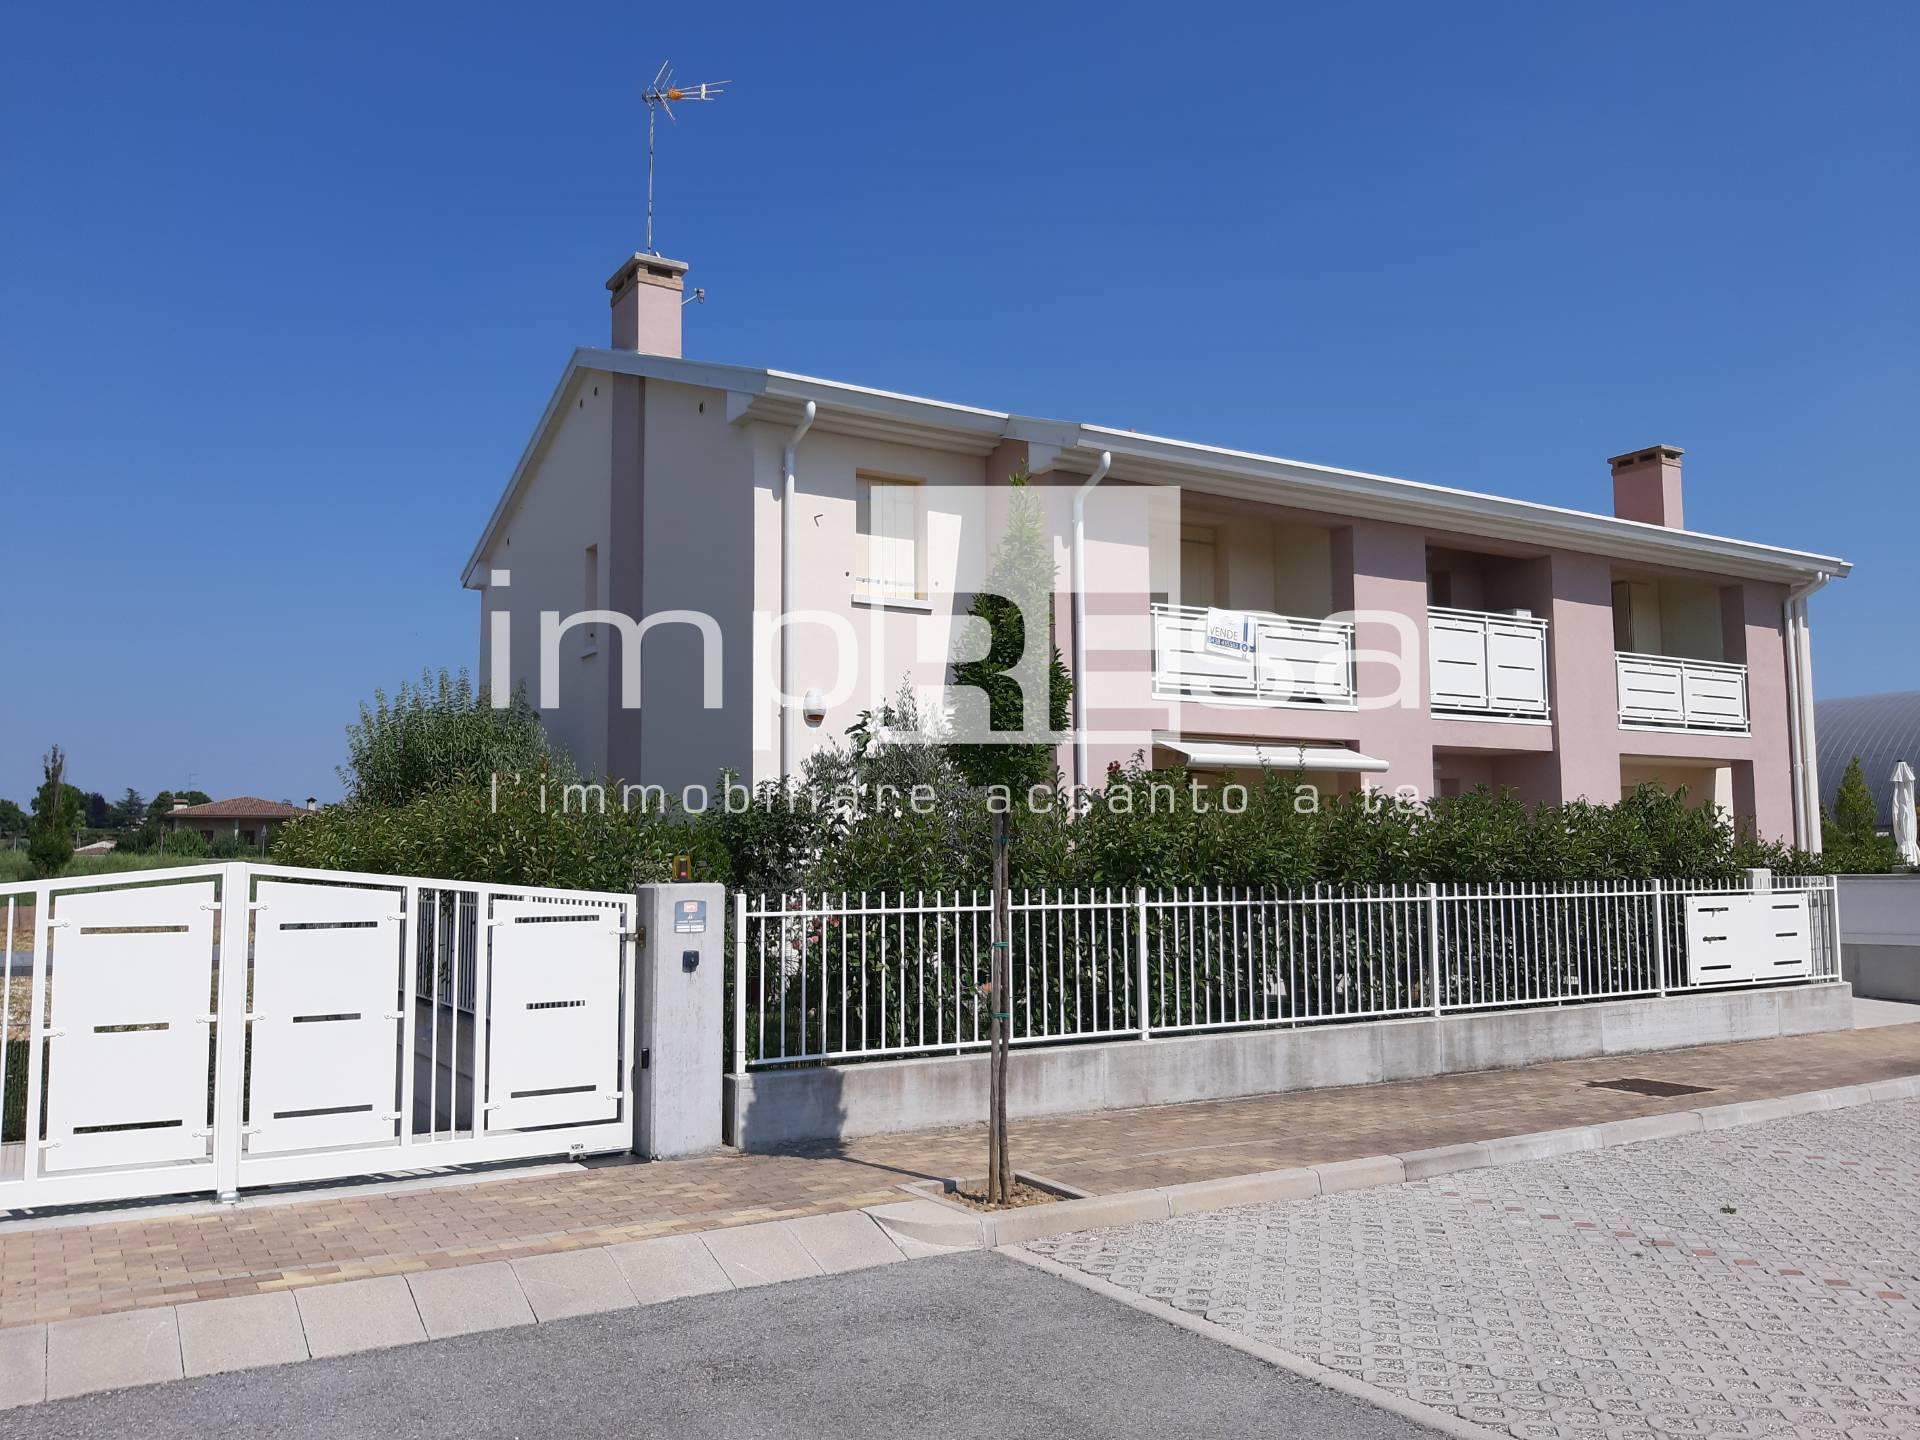 Appartamento in vendita a Susegana, 4 locali, zona Località: PontedellaPriula, prezzo € 195.000   CambioCasa.it